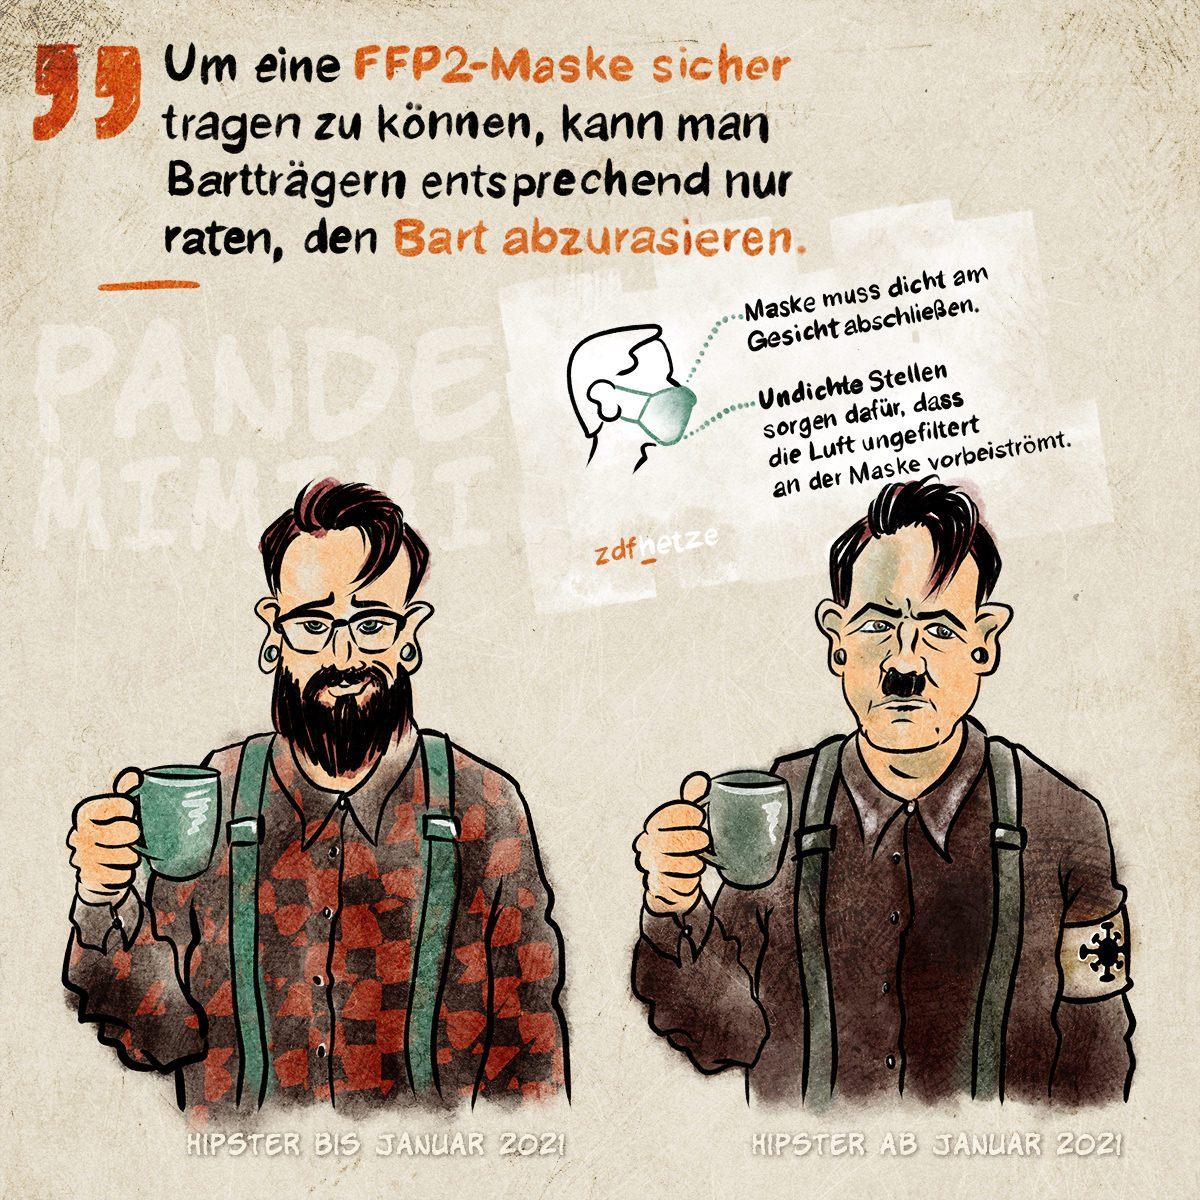 FFP2-Hipstler, 26.01.2021